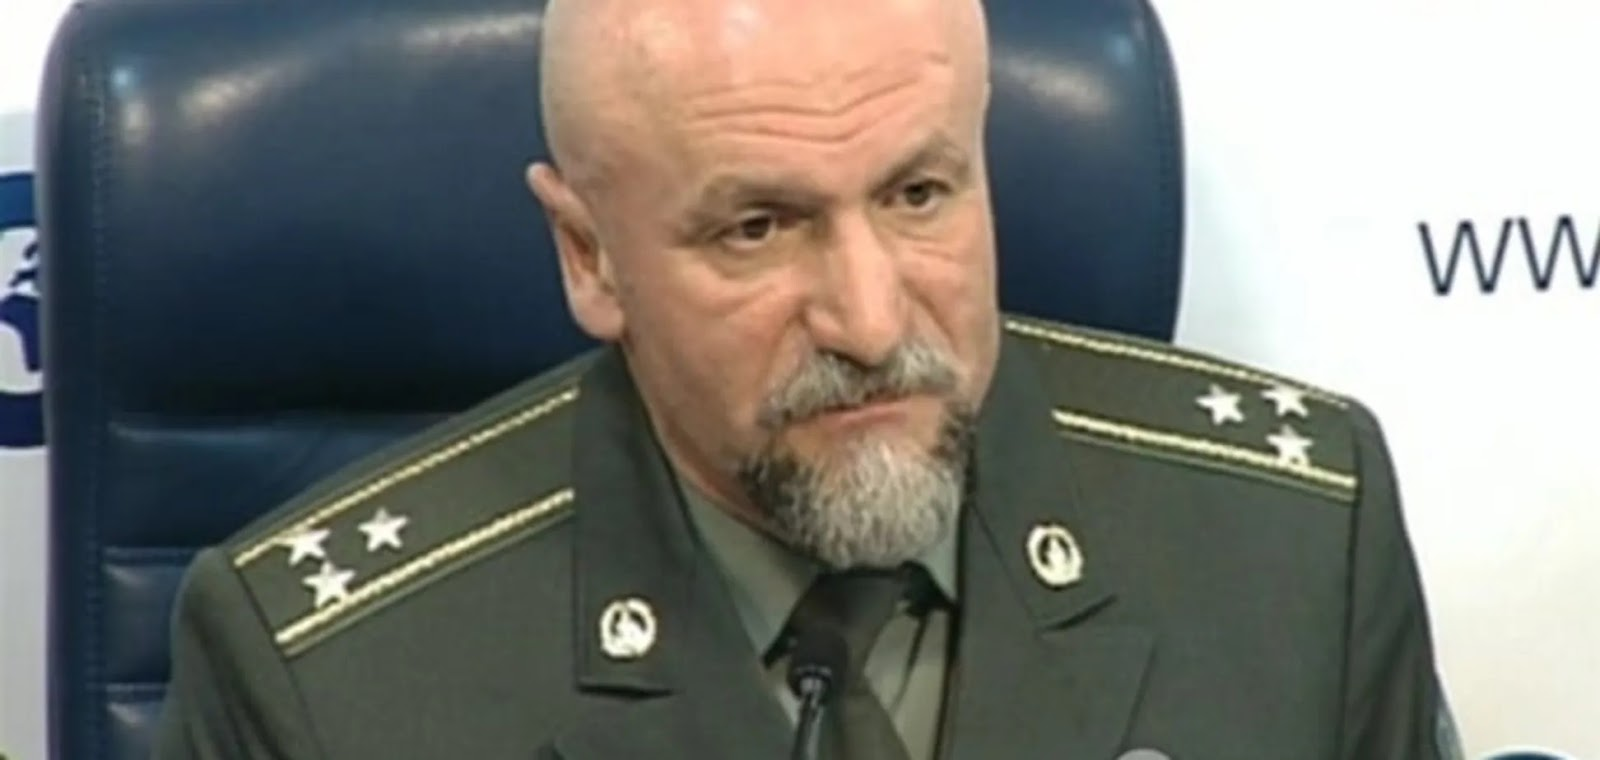 Чтобы полноценно противостоять России на Донбассе - нужны свои спутники